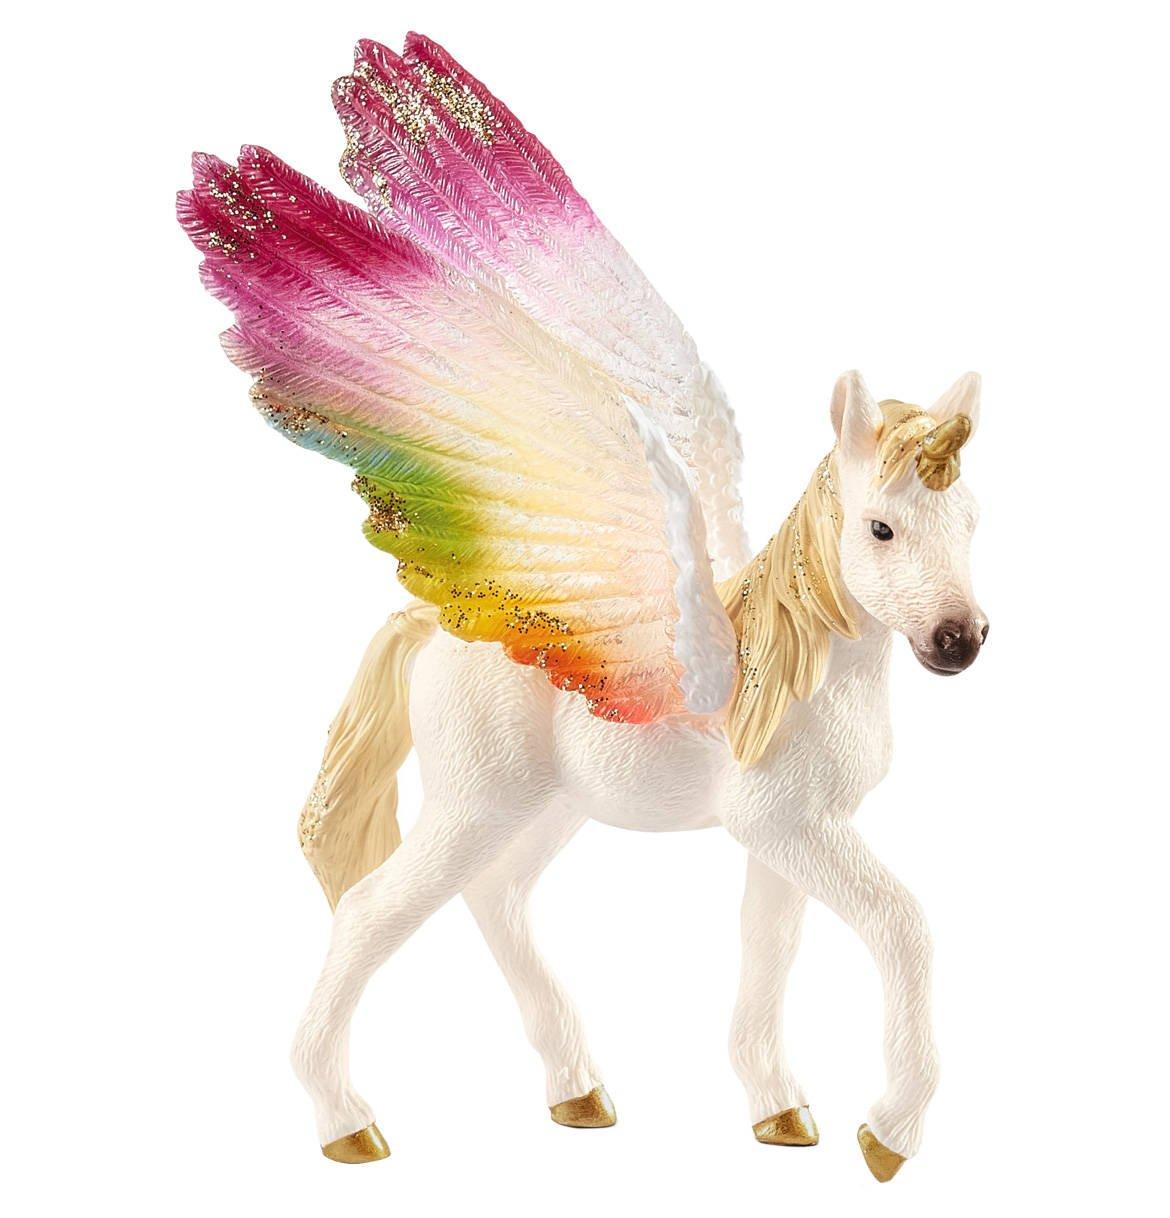 Schleich - Winged Rainbow Unicorn, Foal (70577)